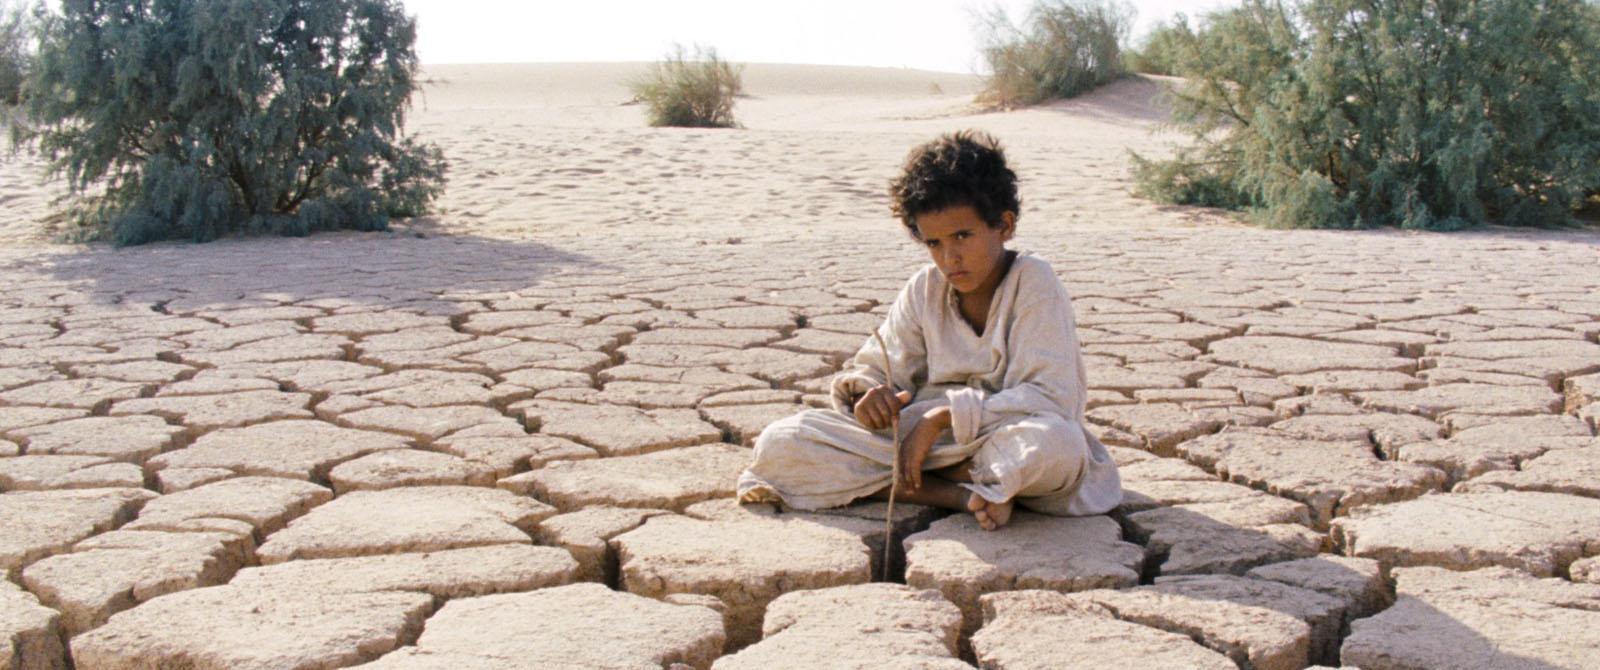 Jacir Eid Al-Hwietat en Lobo